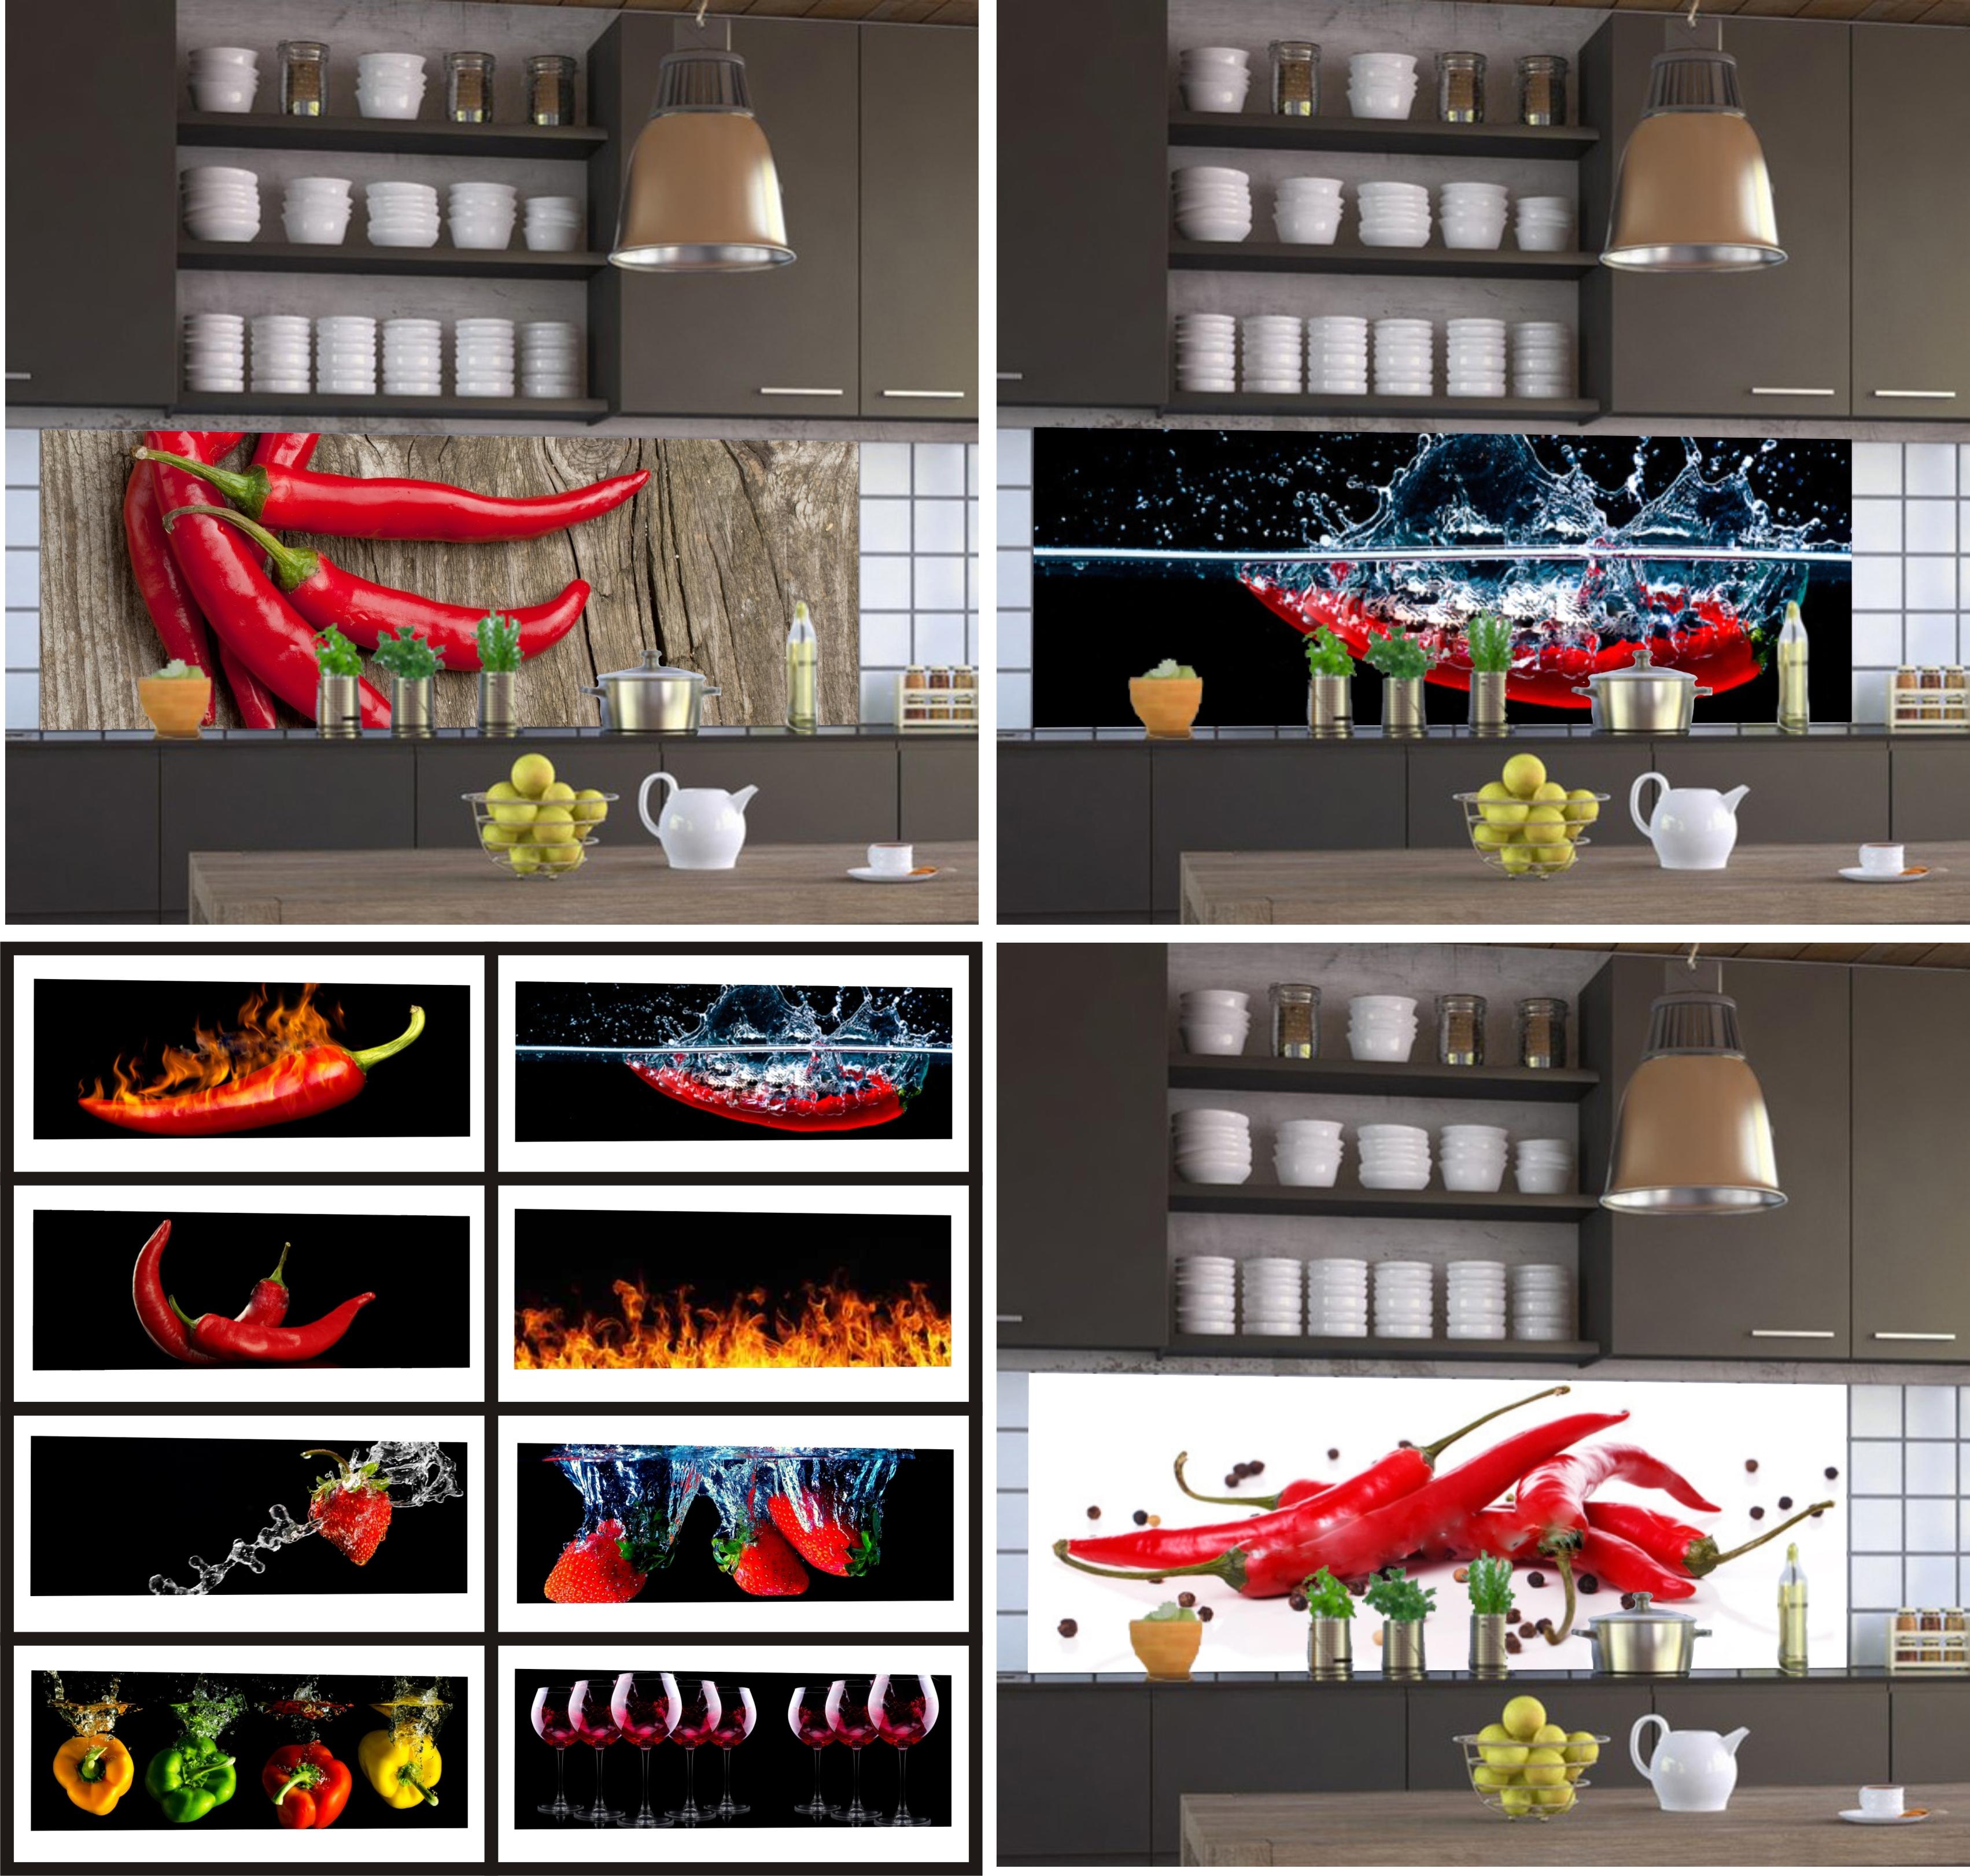 Niedlich Küchenrückwand Aus Plexiglas Fotos - Die Designideen für ...